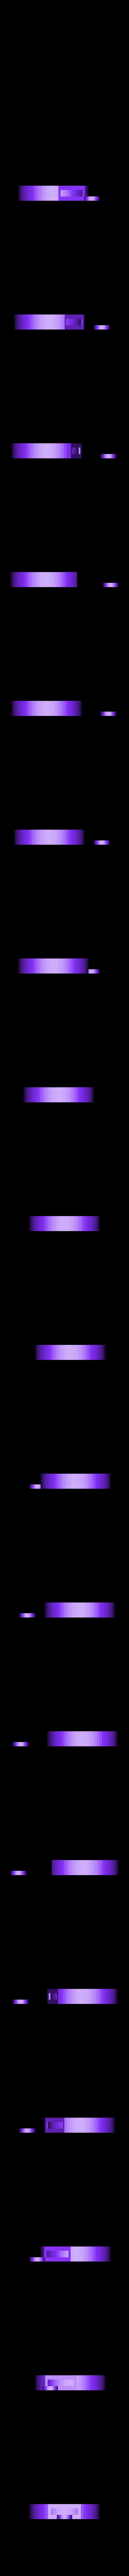 keycapshifthole.stl Télécharger fichier STL gratuit Remixage du capuchon/couvercle de clé embarqué (position de trou différente) • Objet pour impression 3D, glassy